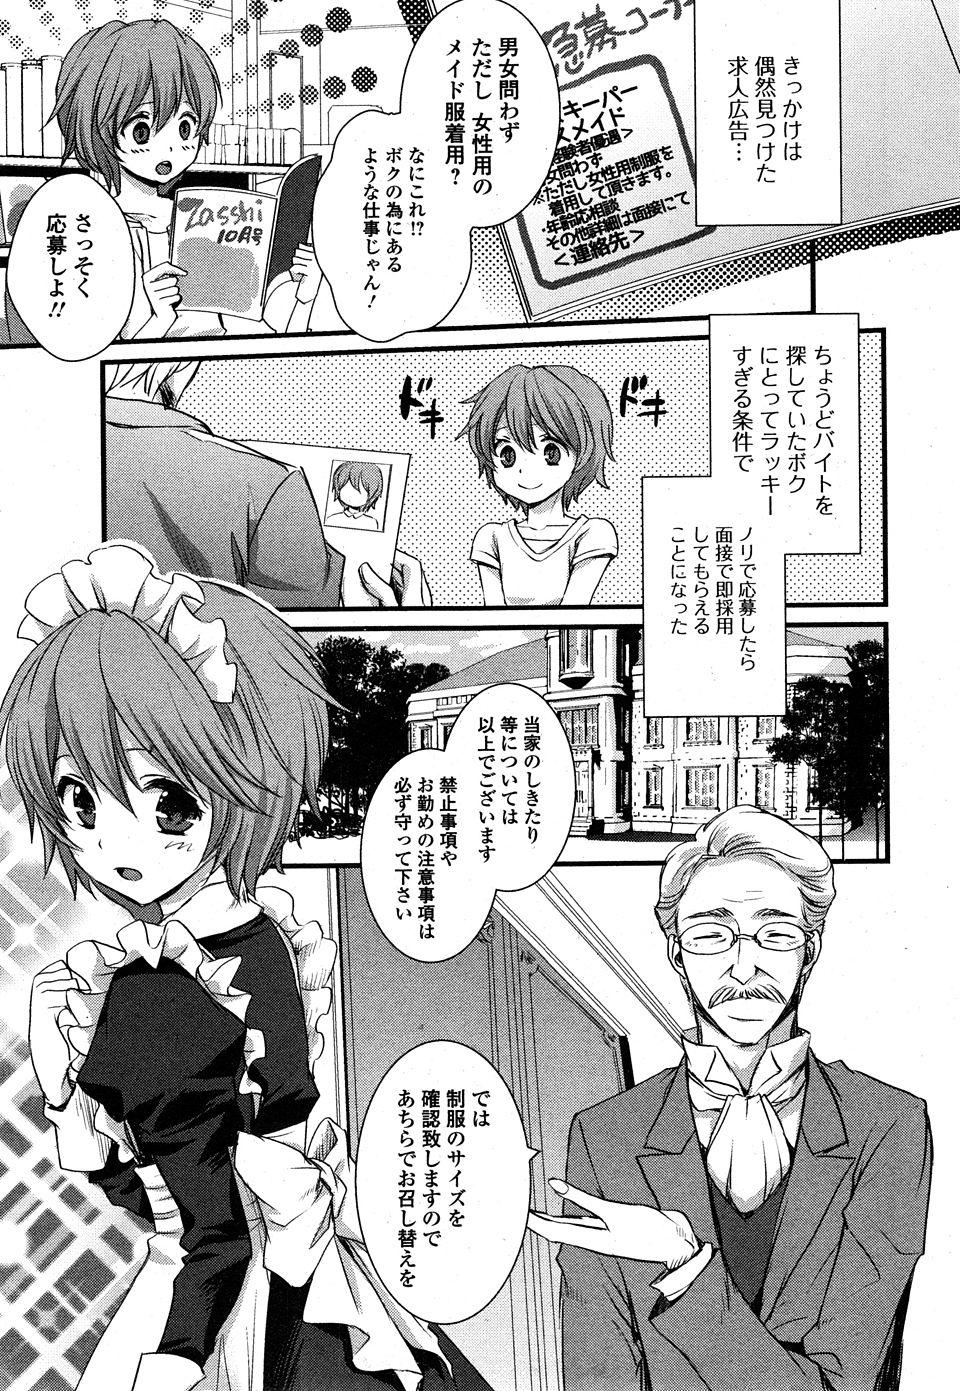 【エロ漫画・エロ同人】男の娘が巨乳お嬢様の所でメイド始めたらチンコ弄られまくってるwアナル開発されてお嬢様とセックスしてるしwww (3)